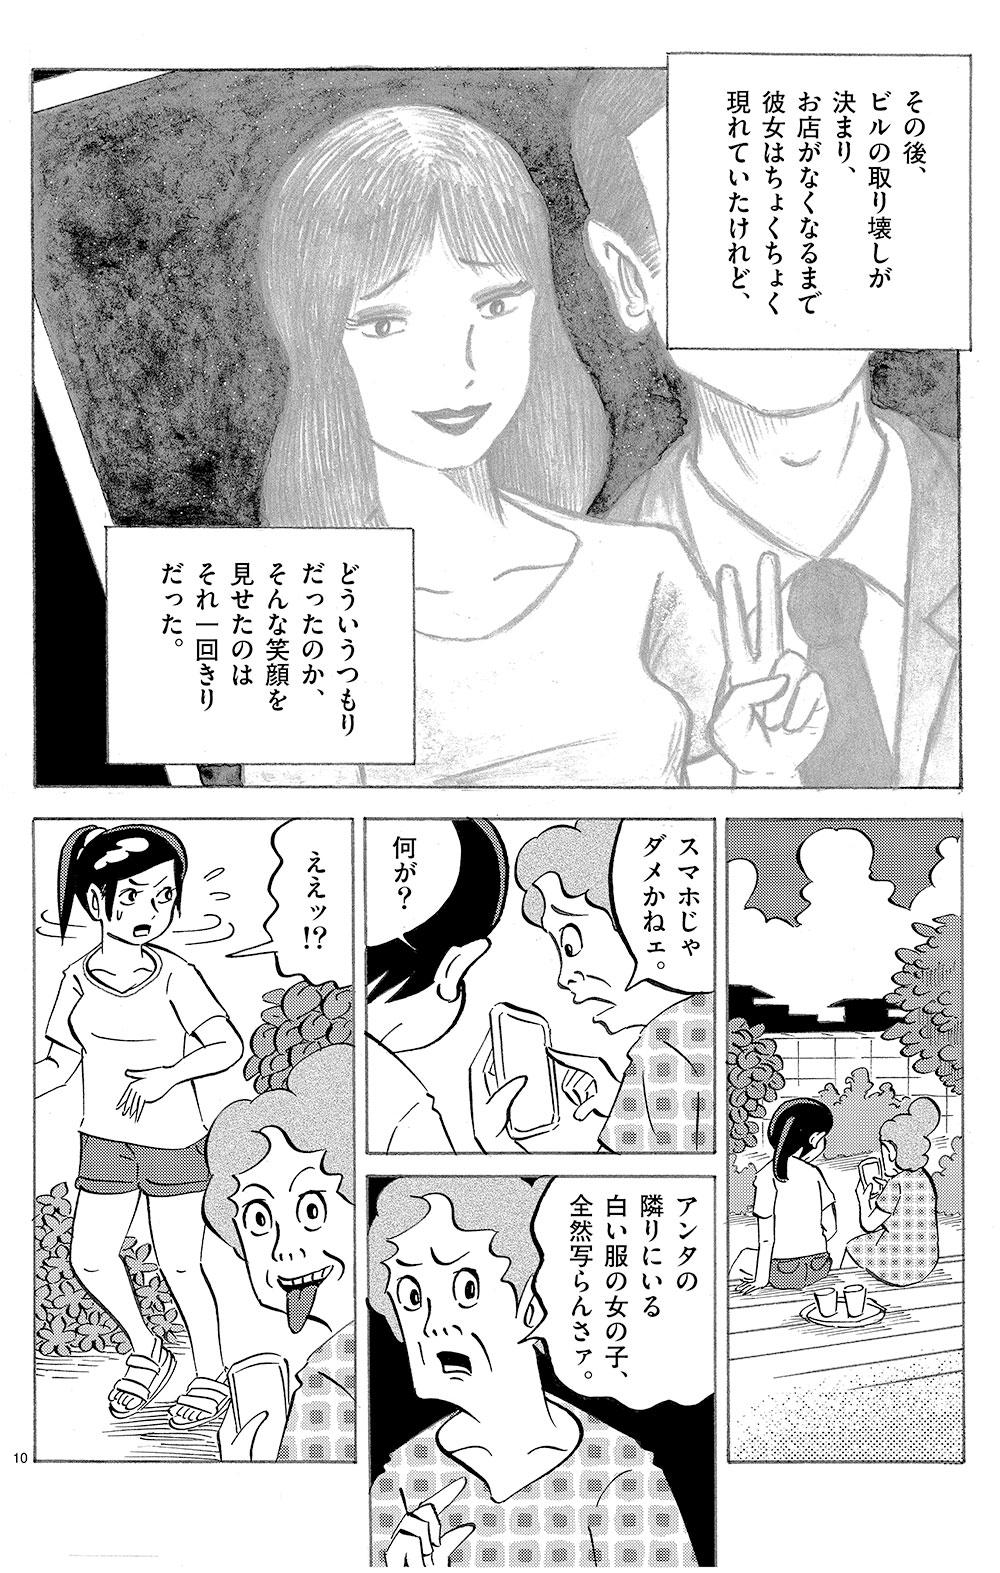 琉球怪談 【第4話】WEB掲載10ページ目画像